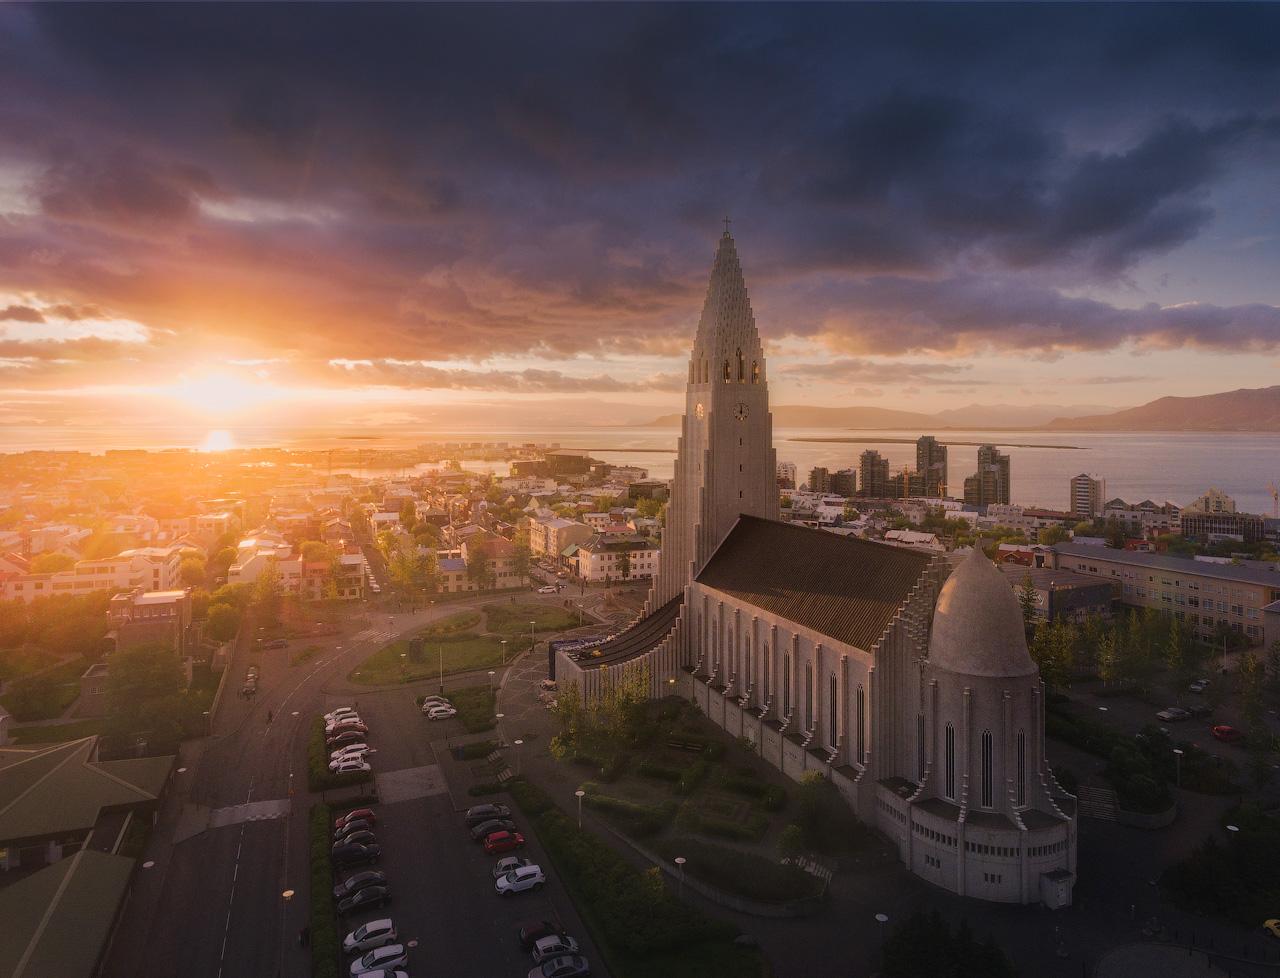 12-дневный фототур вокруг Исландии | Белые ночи - day 1